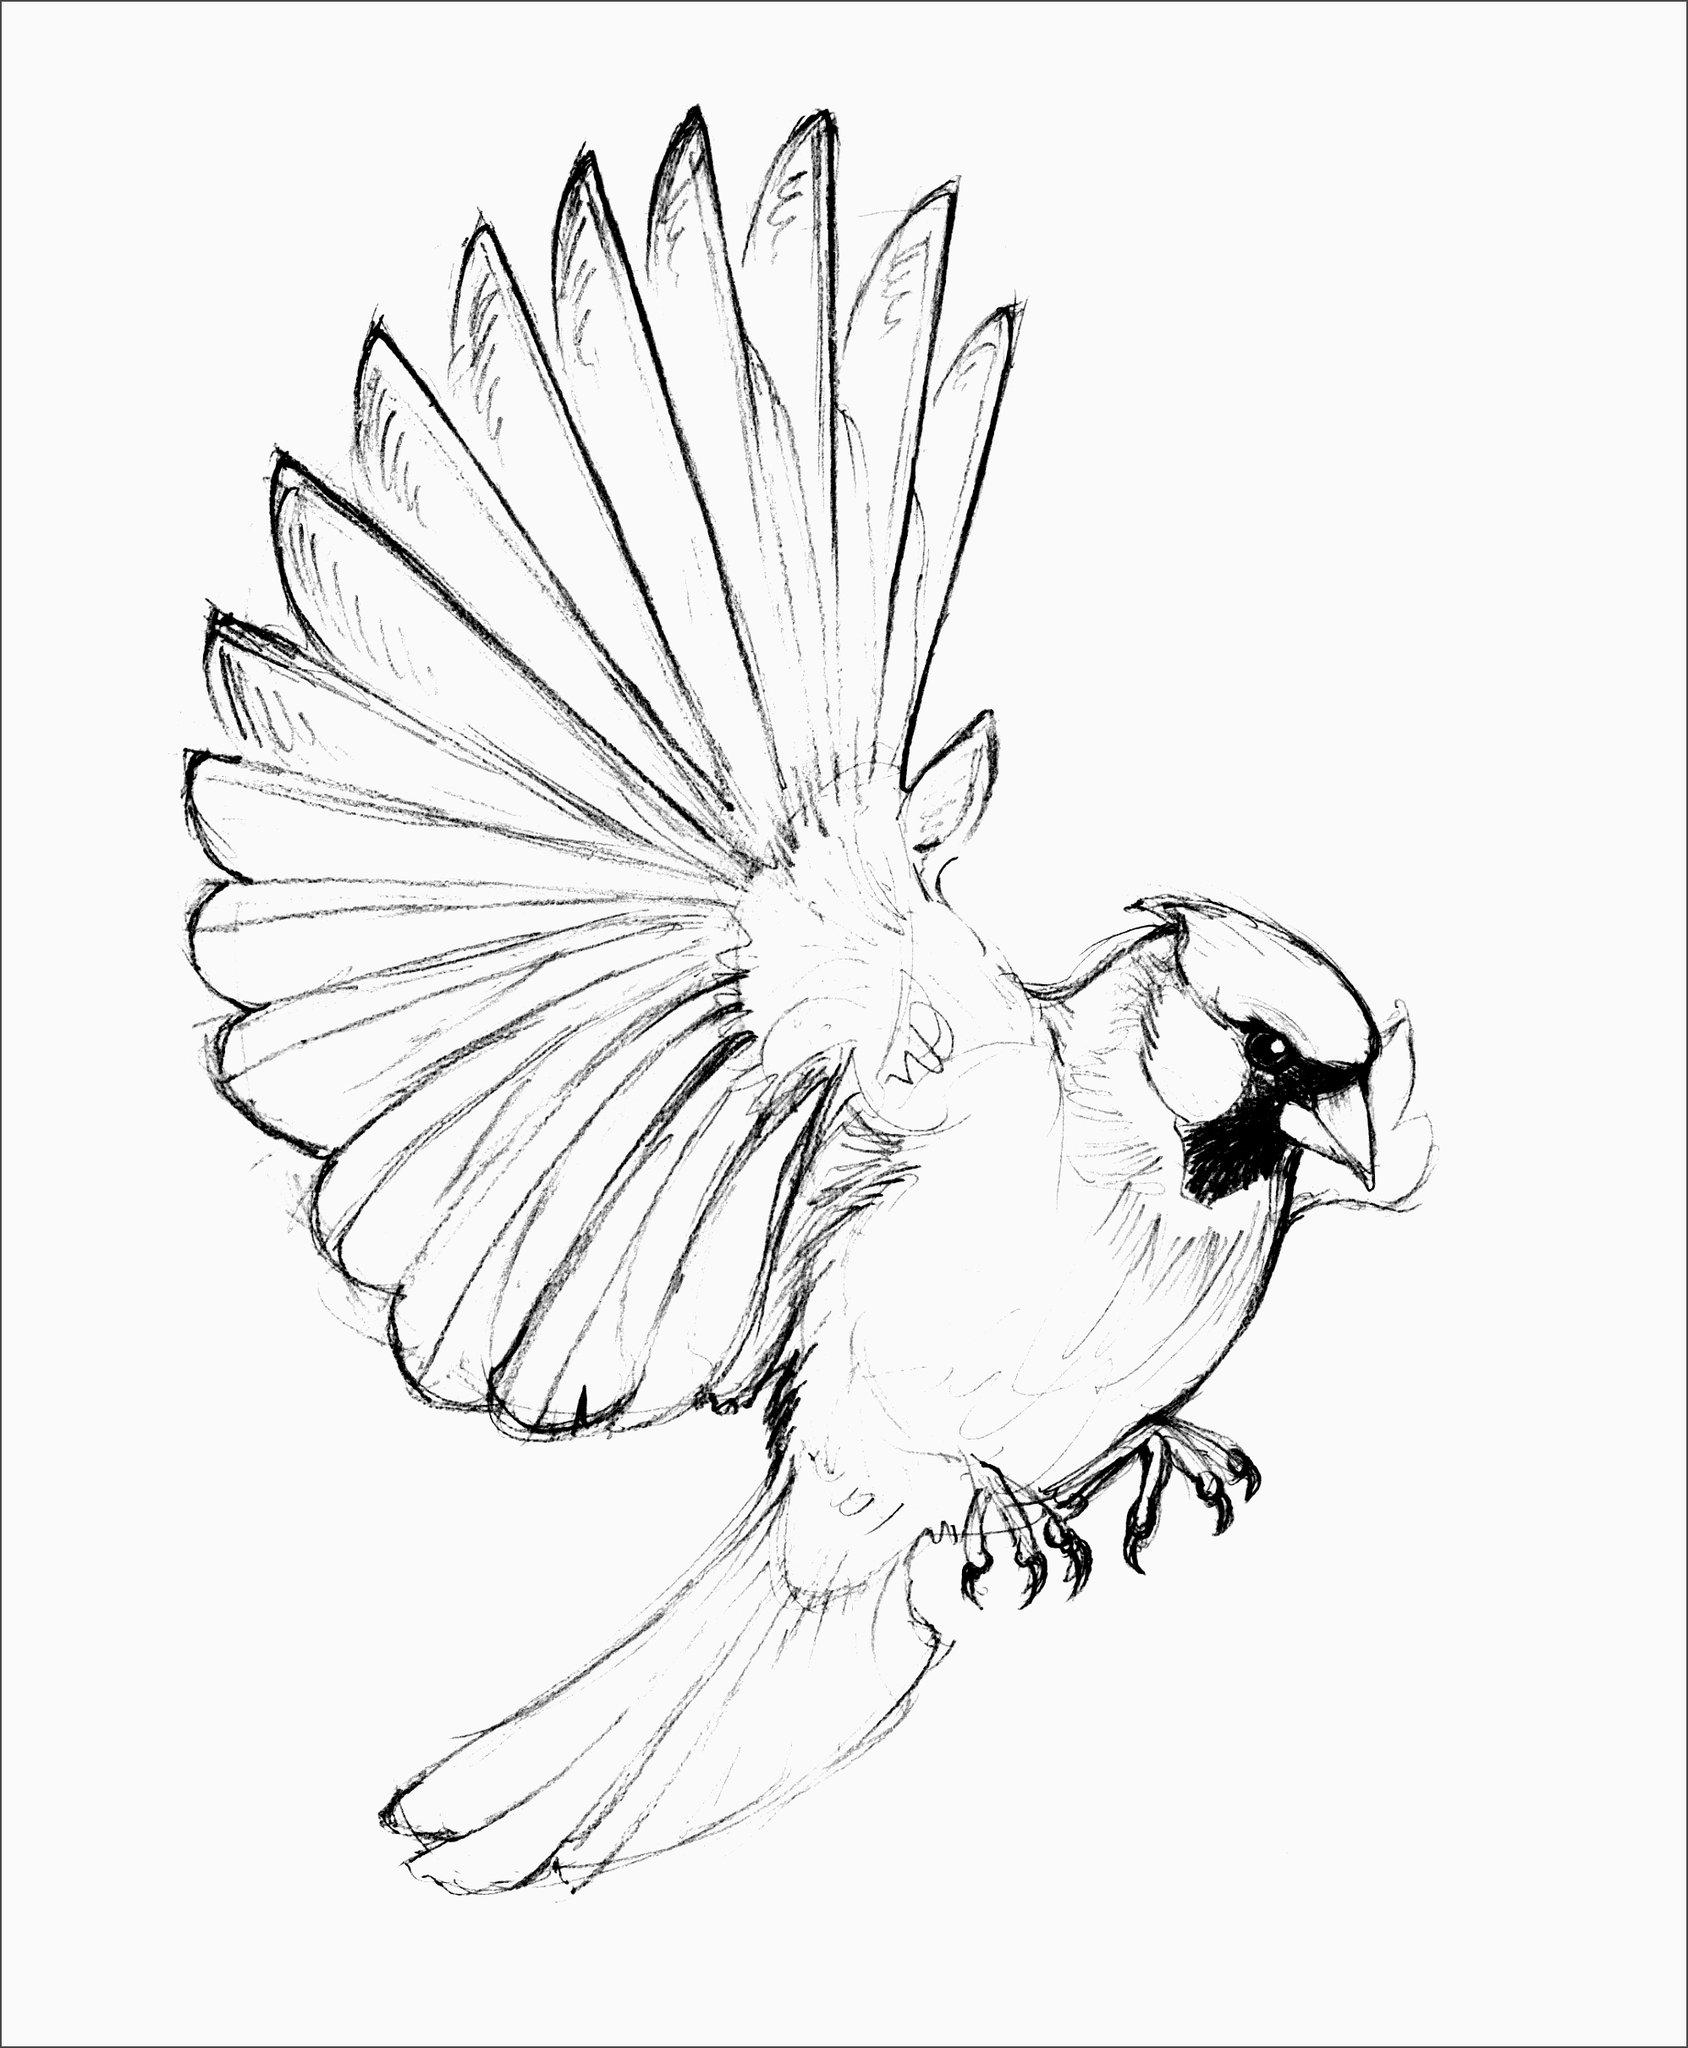 птица рисунок срисовать простой рецепт канапе